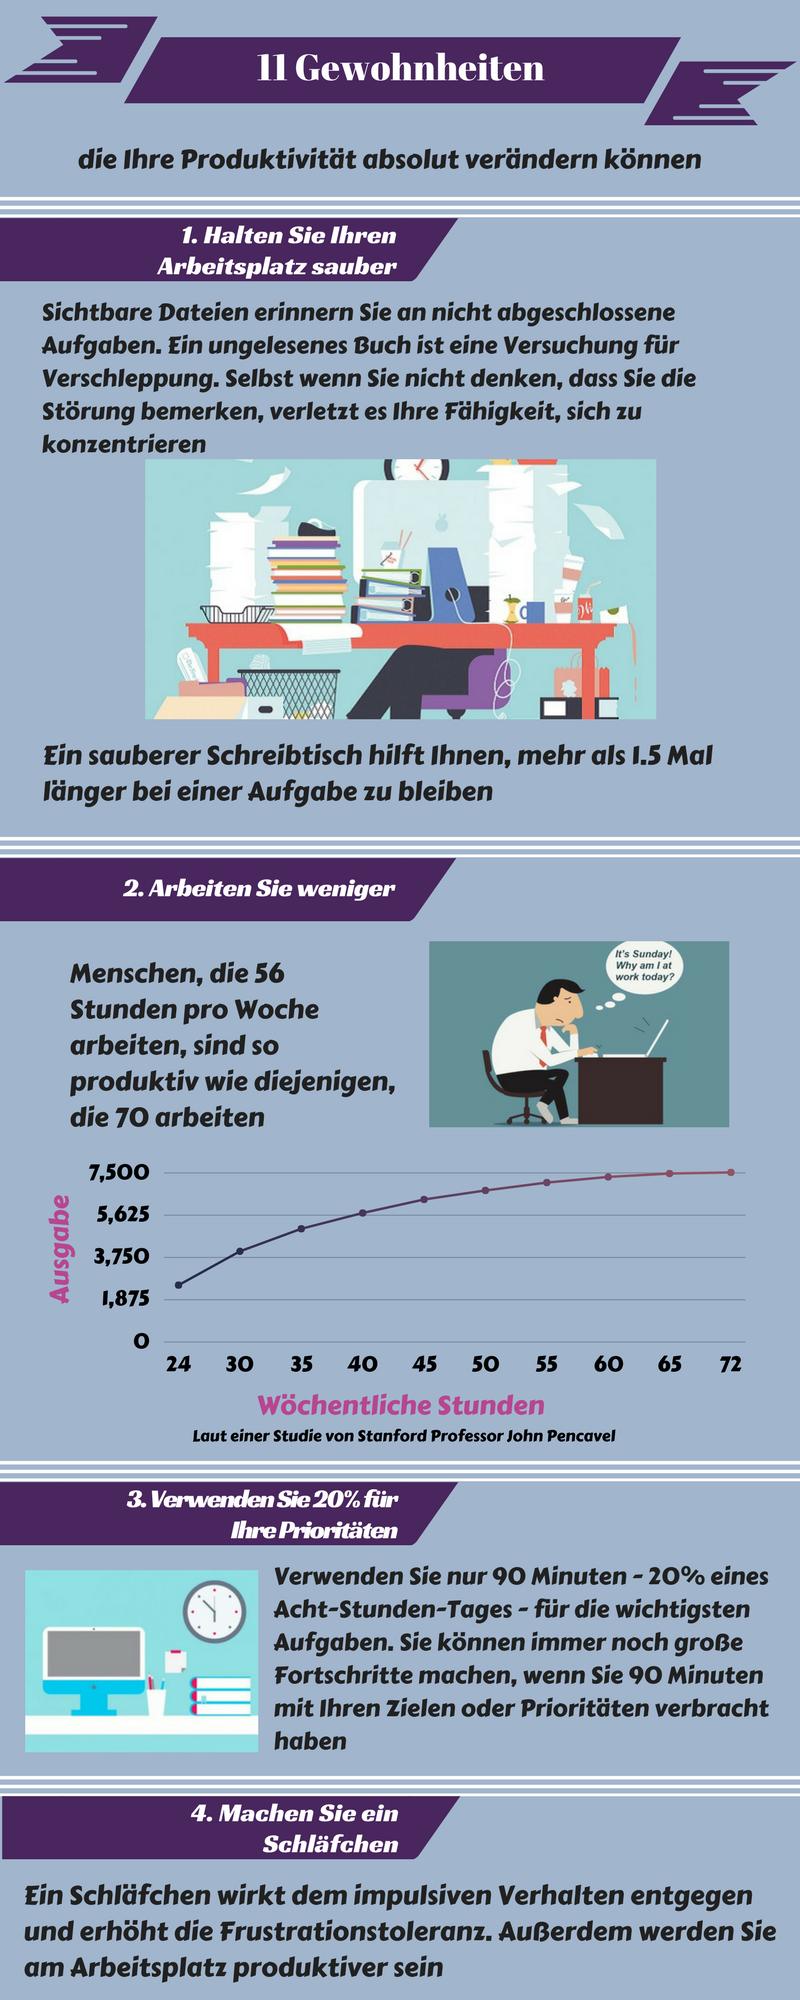 11 Gewohnheiten die Ihre Produktivität absolut verändern können